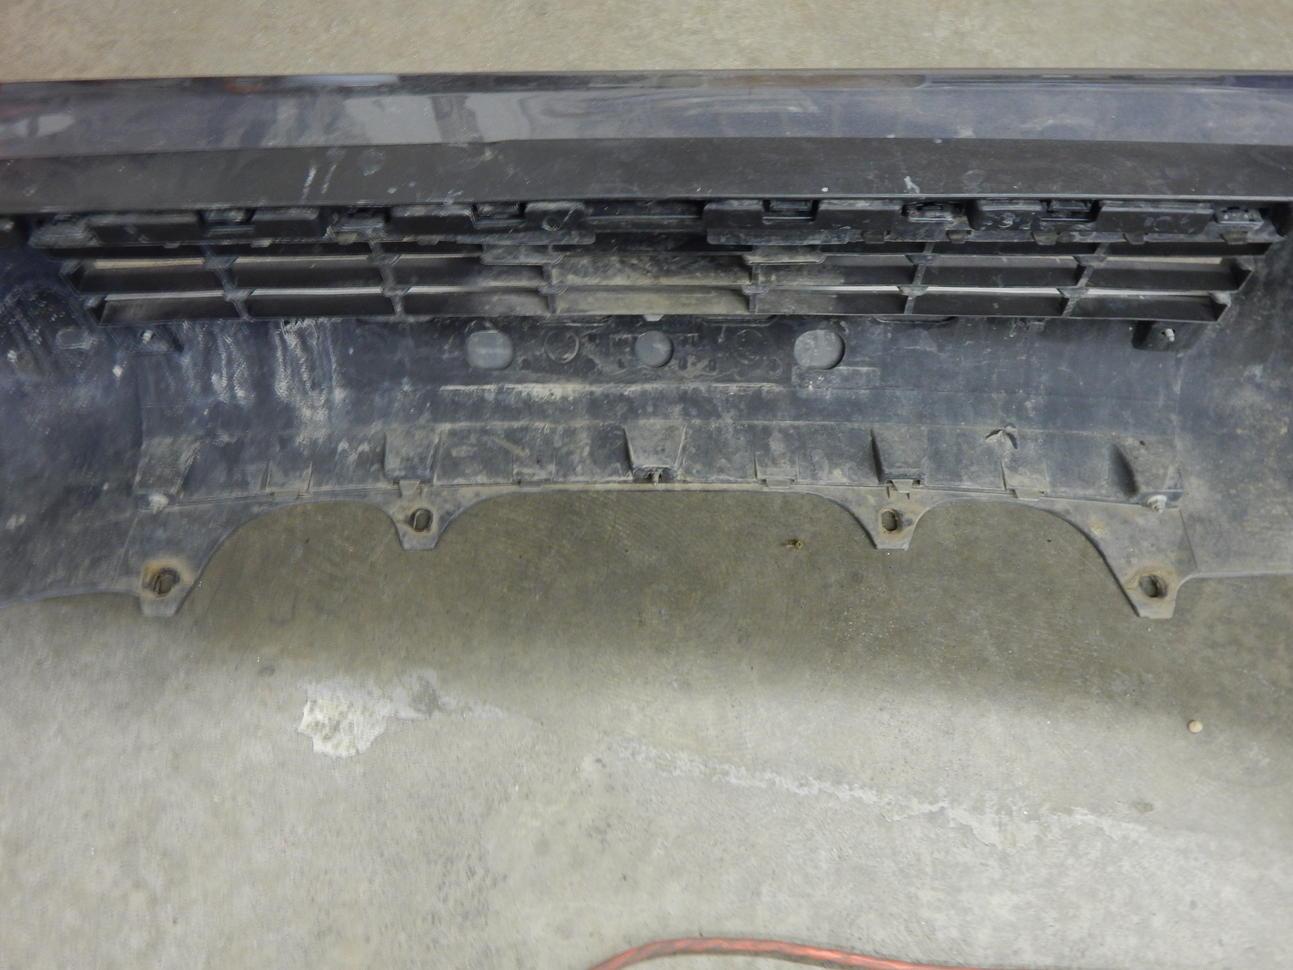 C4 FAB early 4th gen (03-05) Lo-Pro winch bumper install guide.-dscn4446-jpg